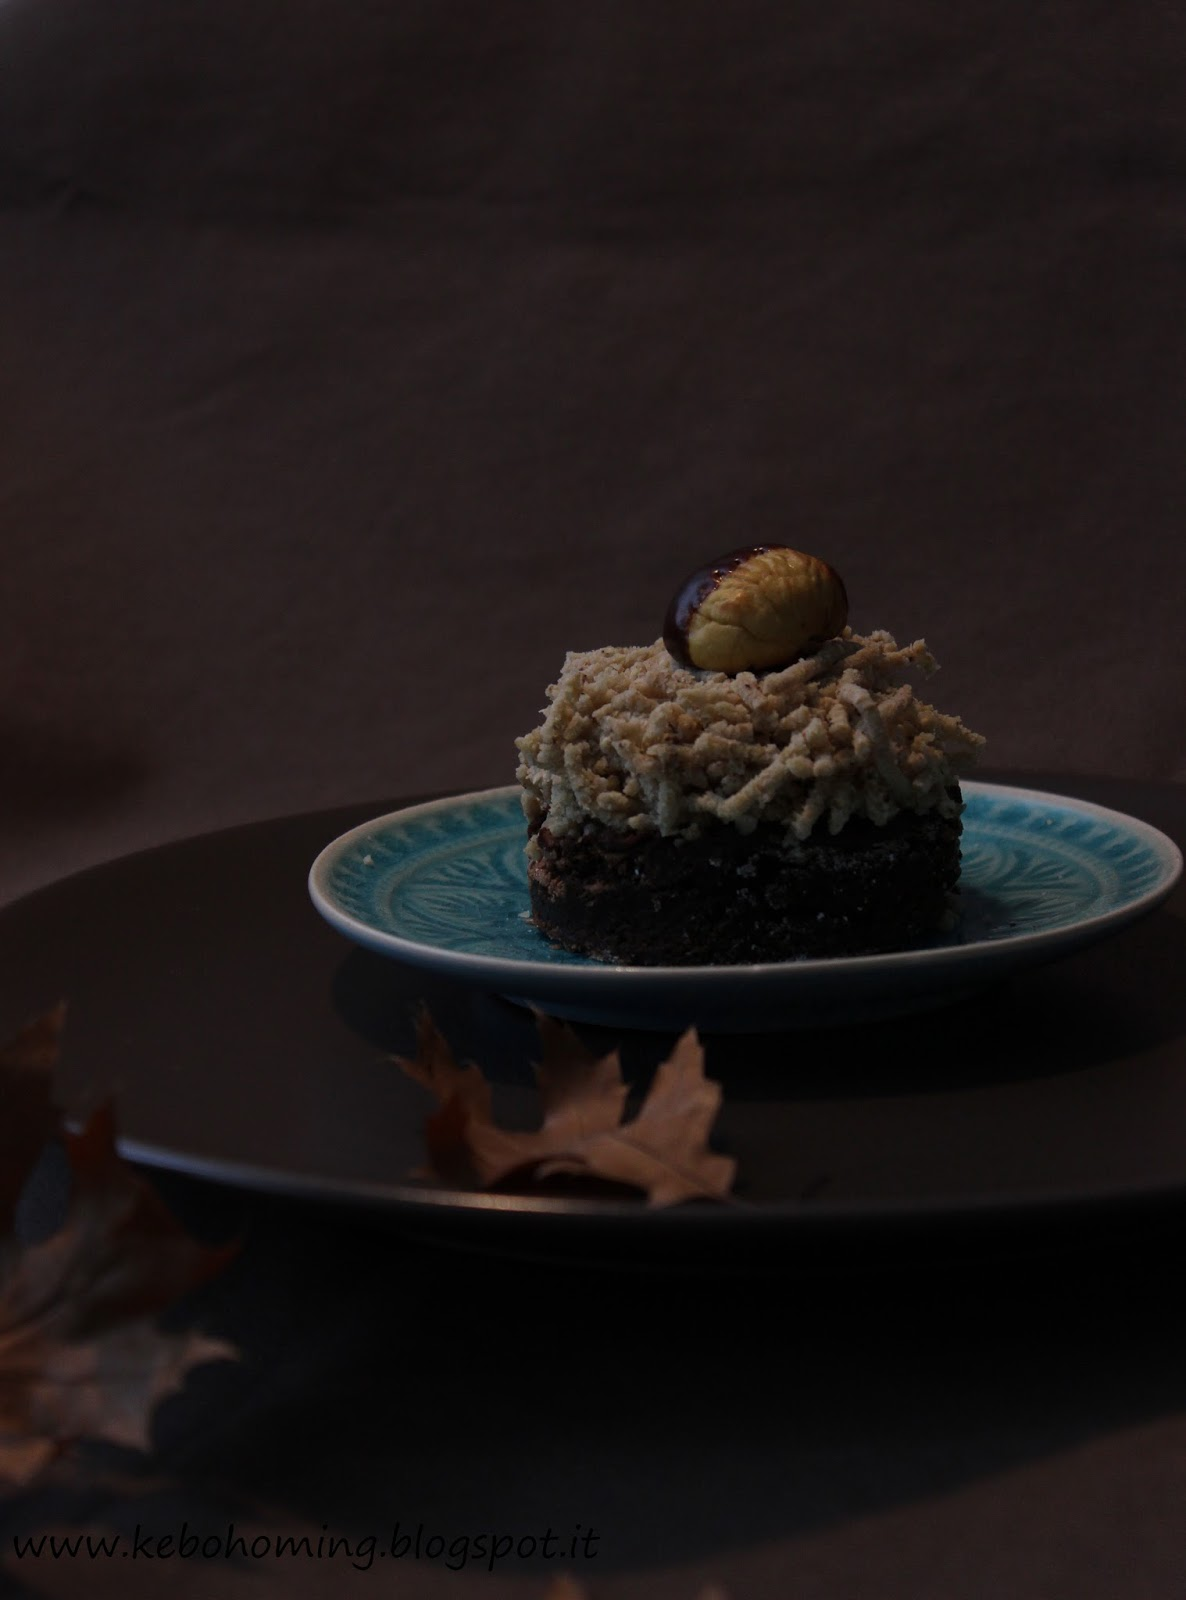 kebo homing der s dtiroler food und lifestyleblog sunday lunch recipe dessert. Black Bedroom Furniture Sets. Home Design Ideas